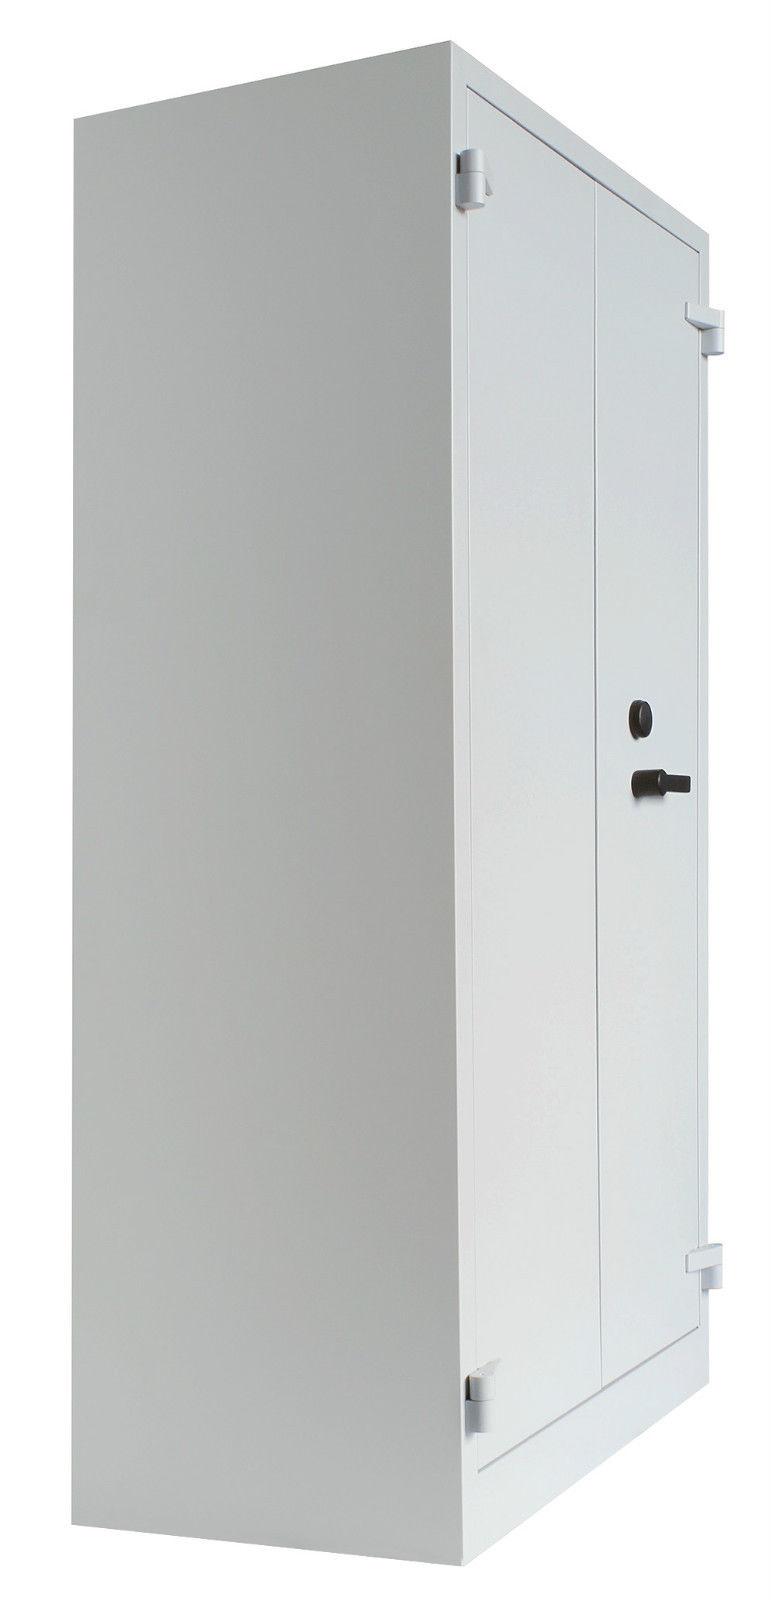 Dokumentenschrank metallschrank panzerschrank metall stahl for Schrank und stuhl